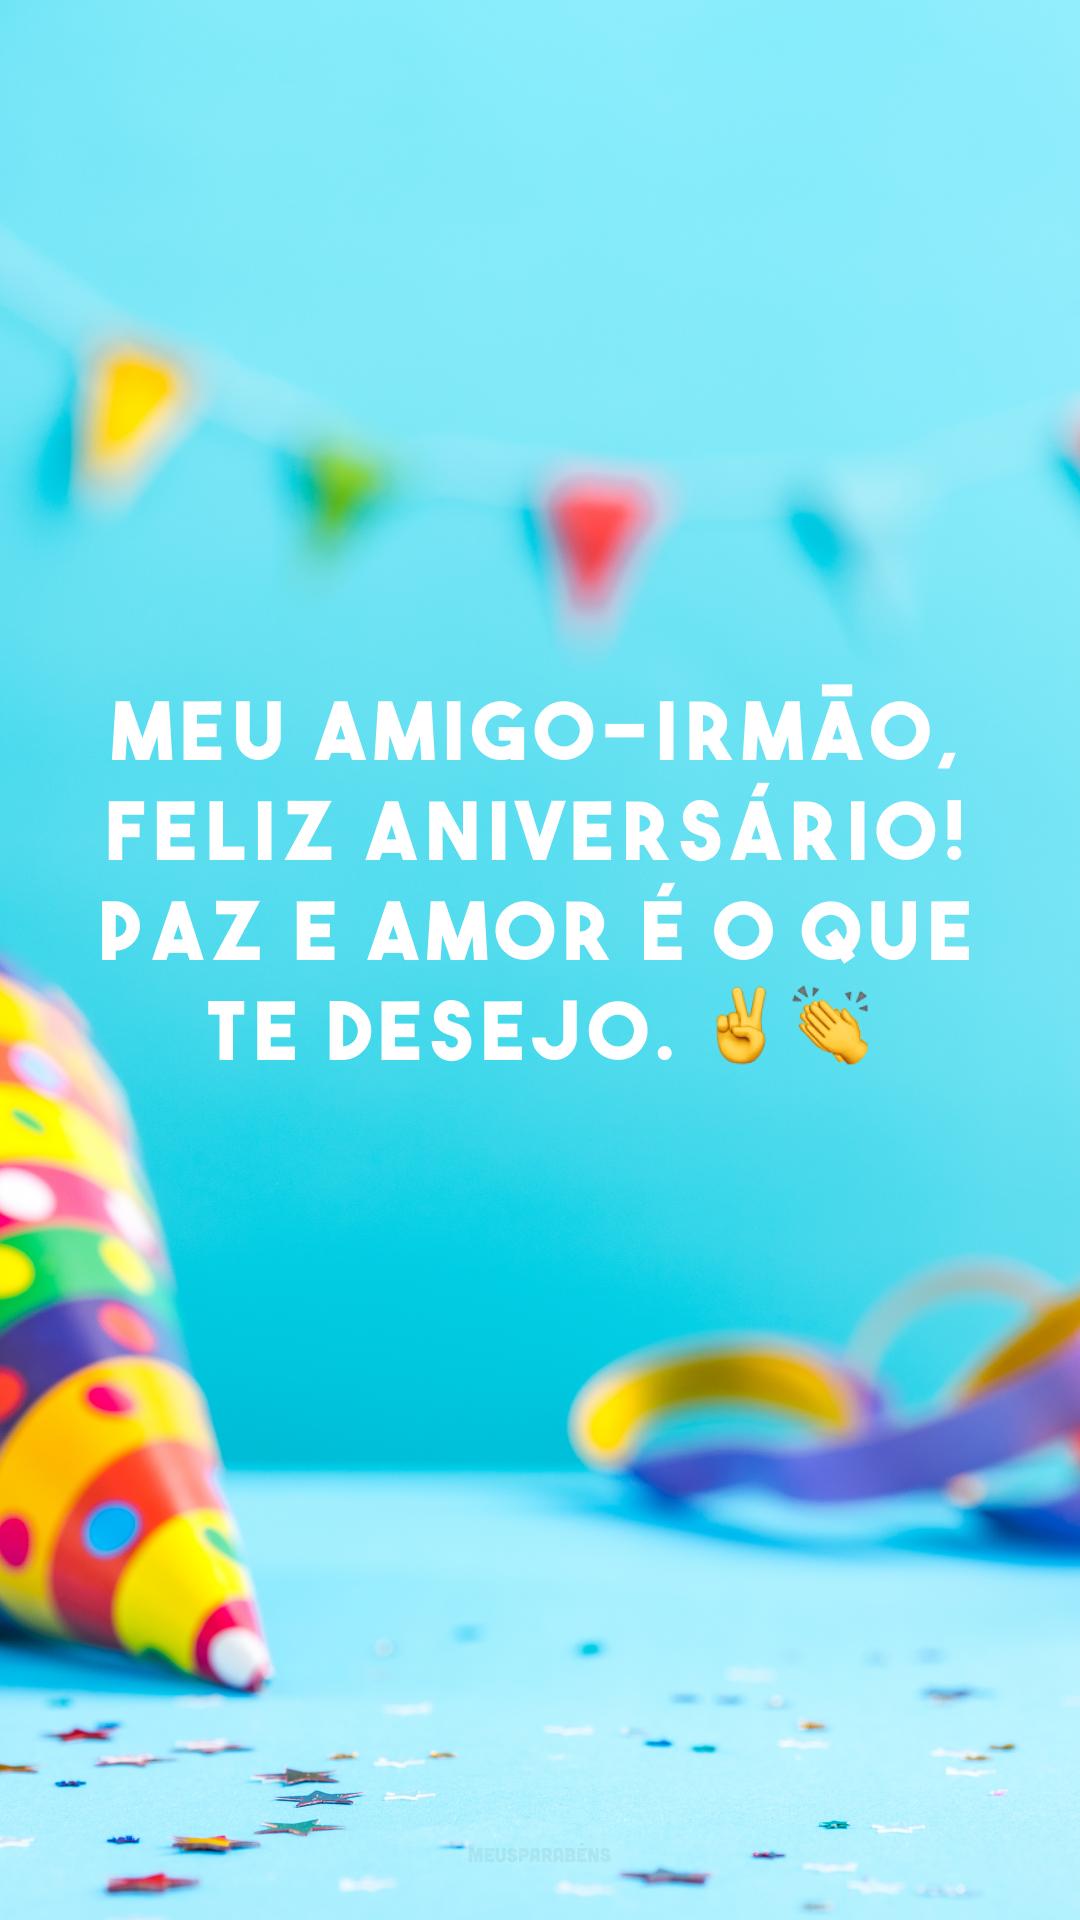 Meu amigo-irmão, feliz aniversário! Paz e amor é o que te desejo. ✌👏